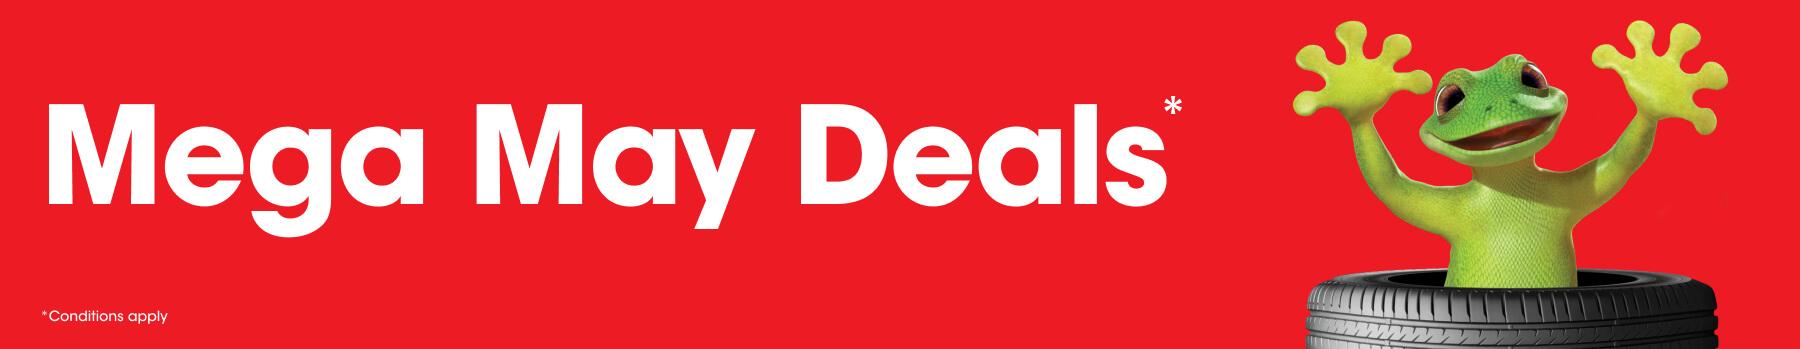 Donnellans - Mega May Deals